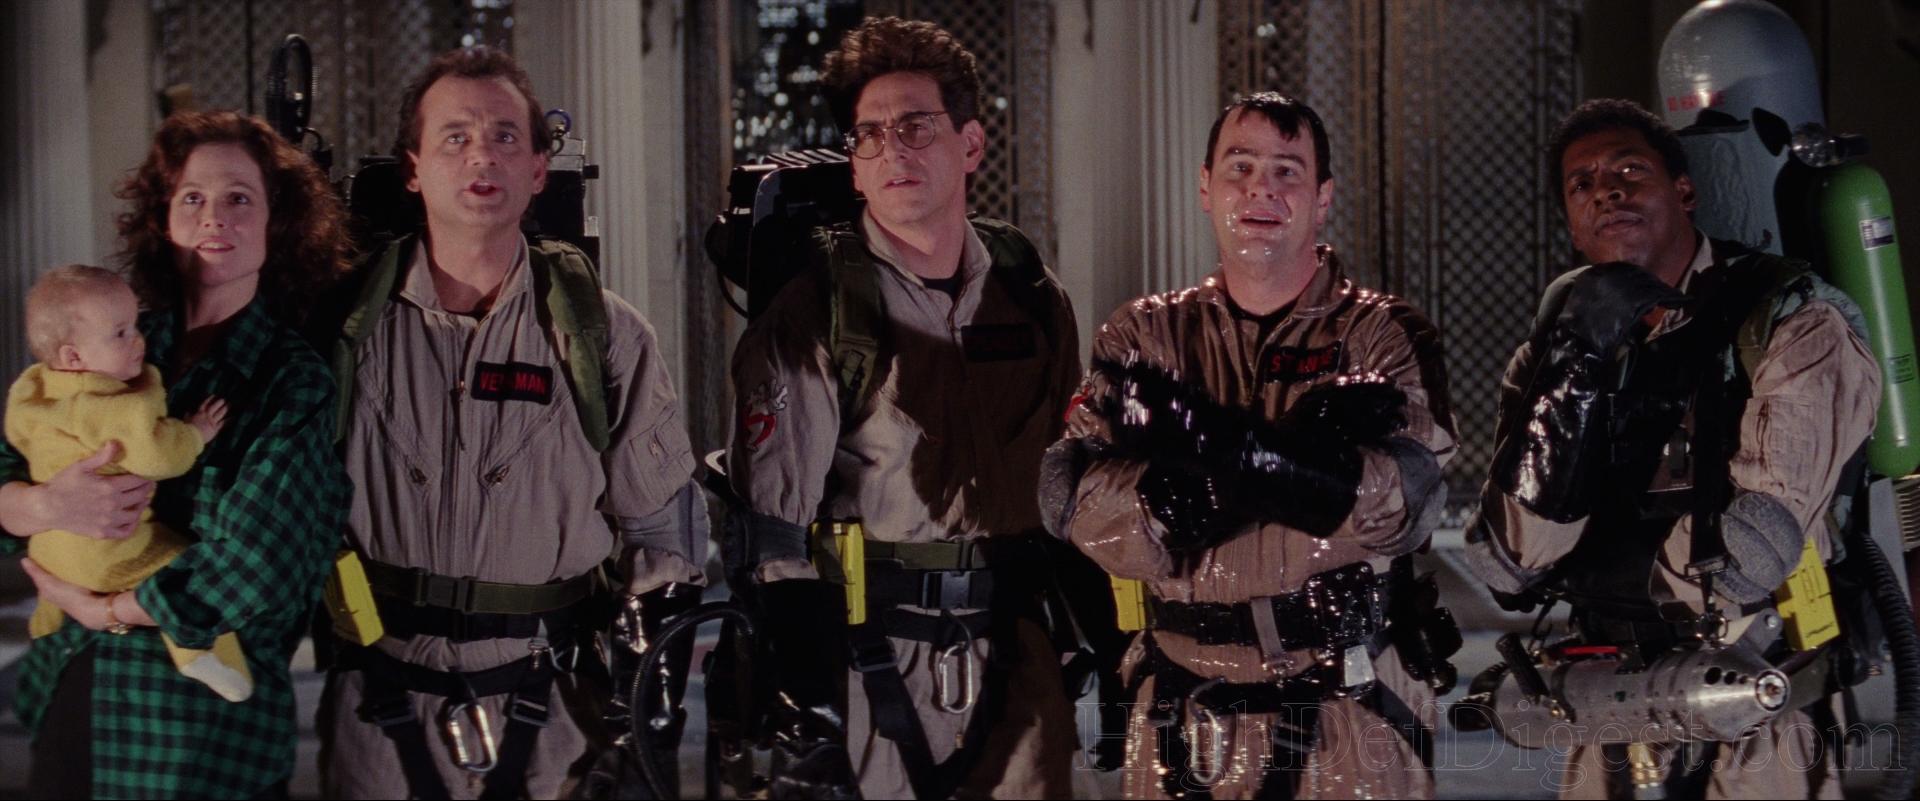 Ghostbusters II  Acchiappafantasmi II  Wikipedia